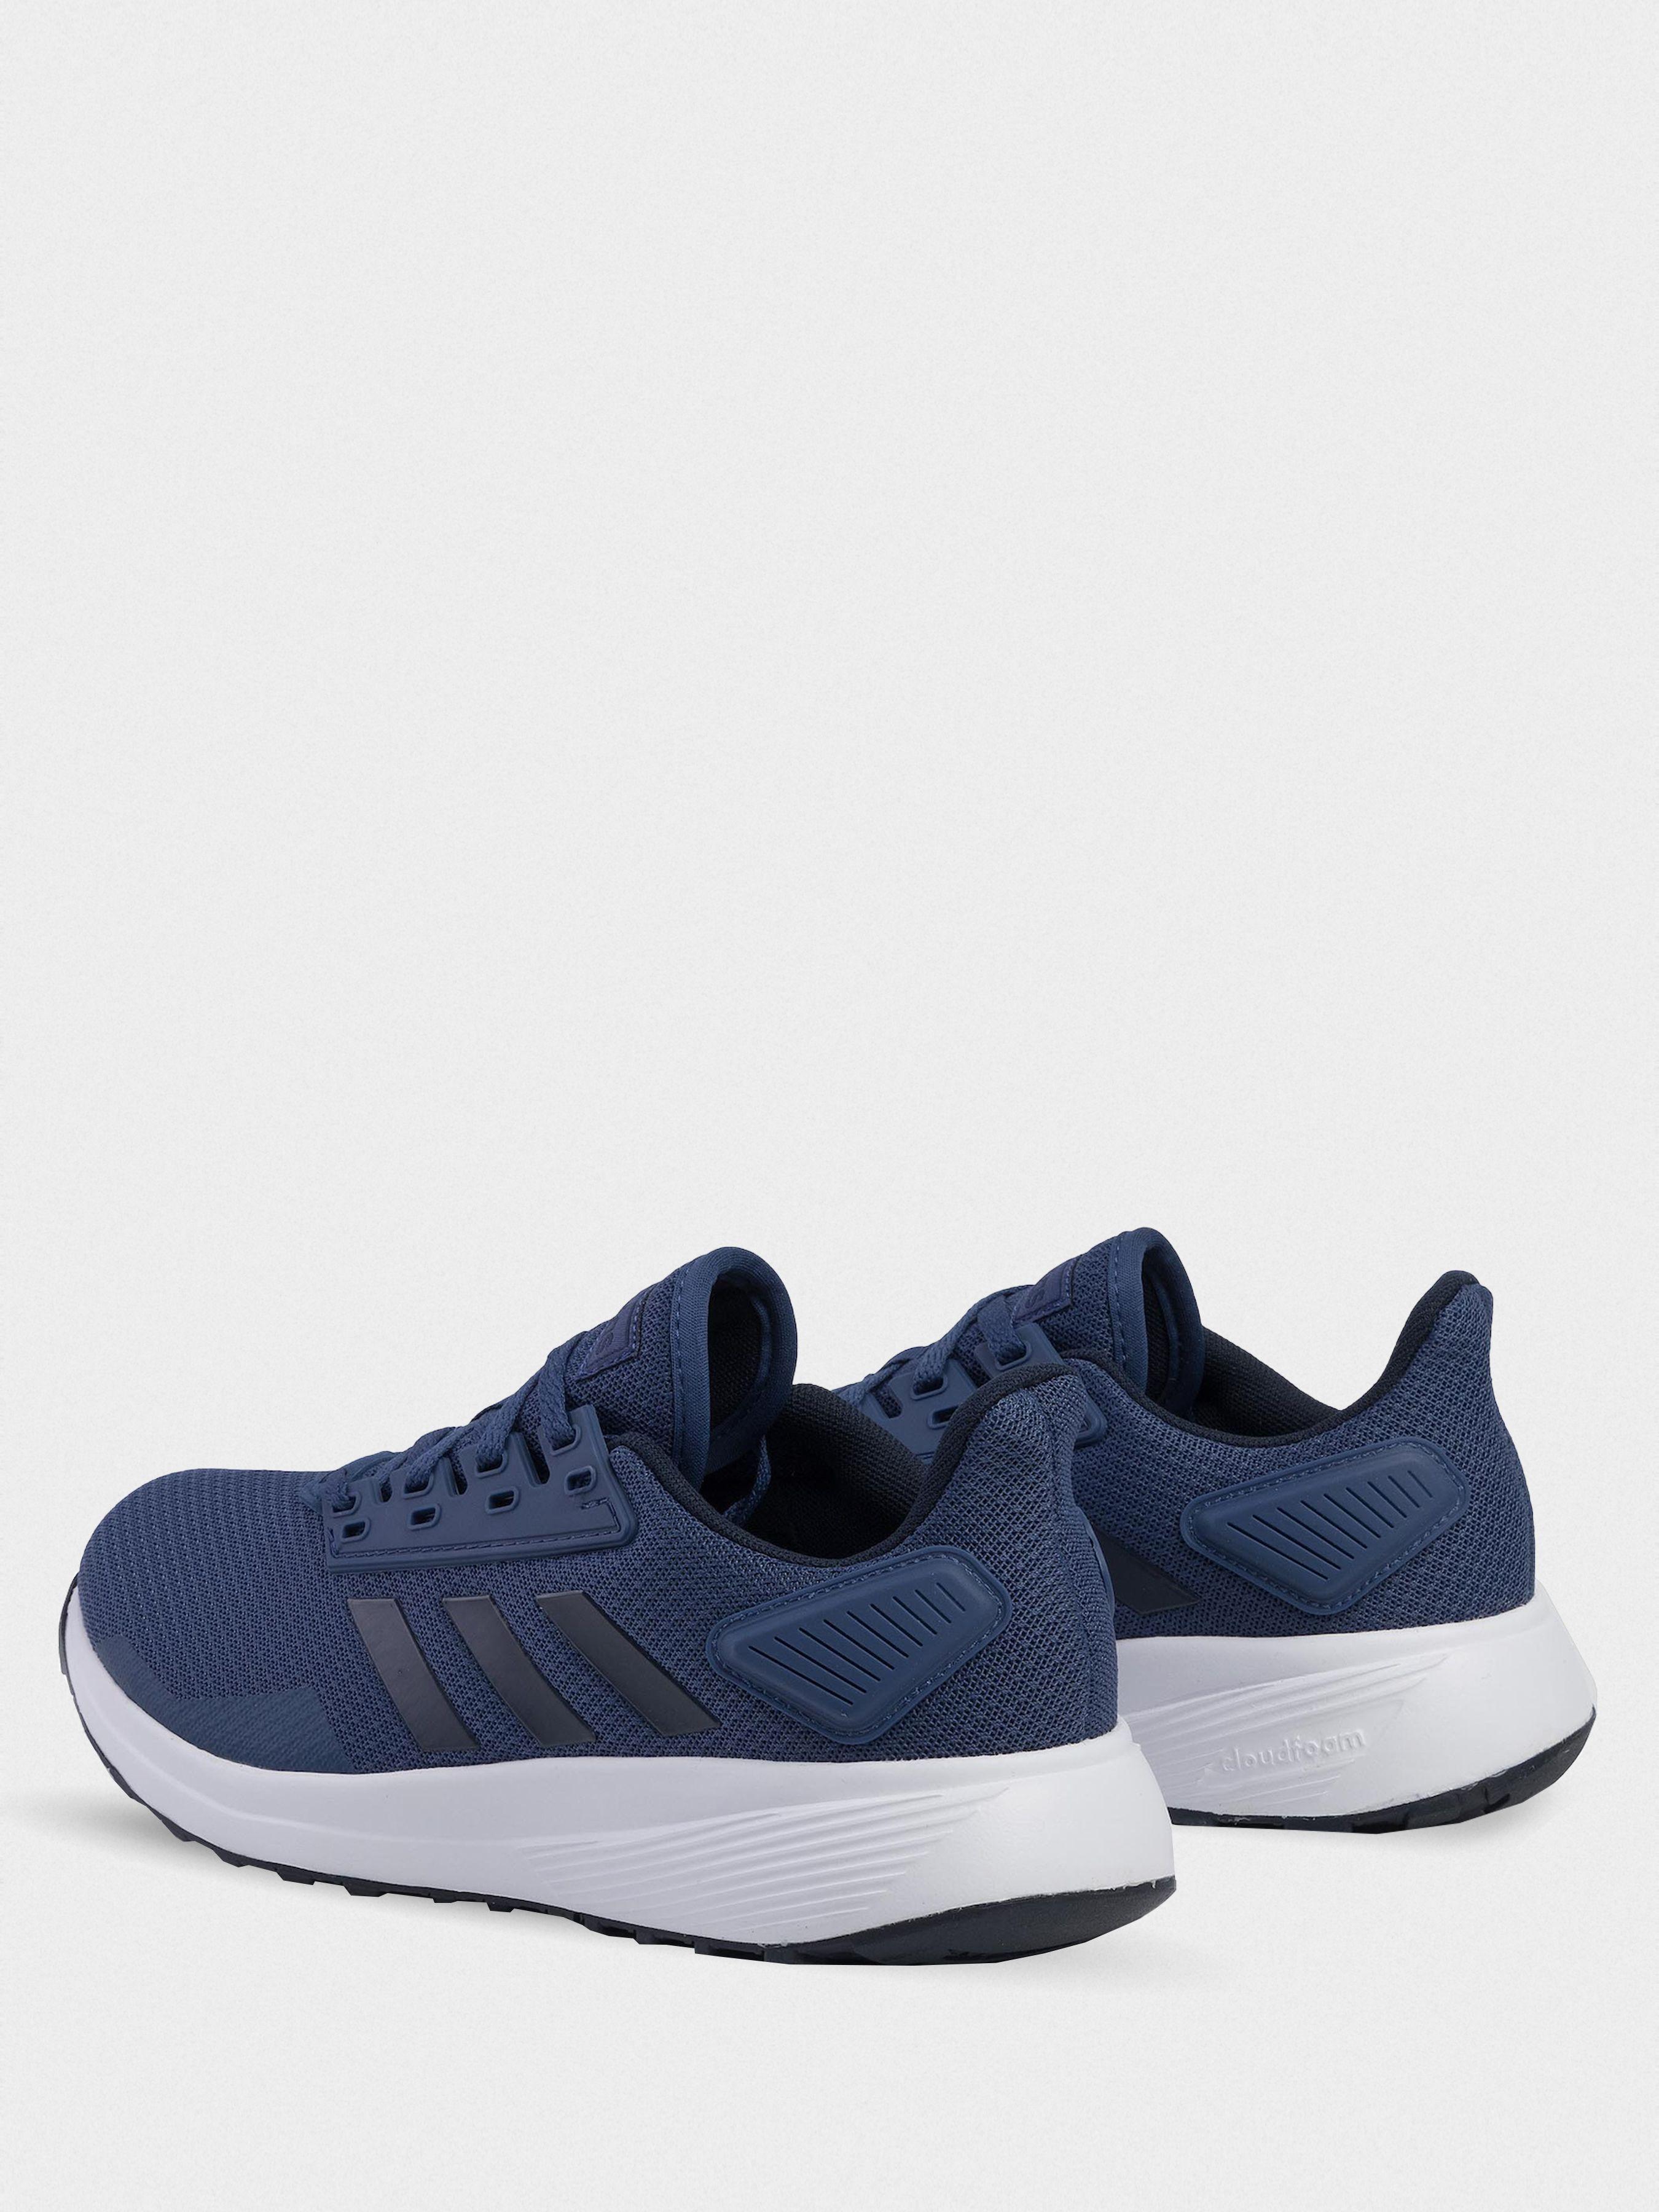 Кросівки для бігу Adidas DURAMO 9 EG8661